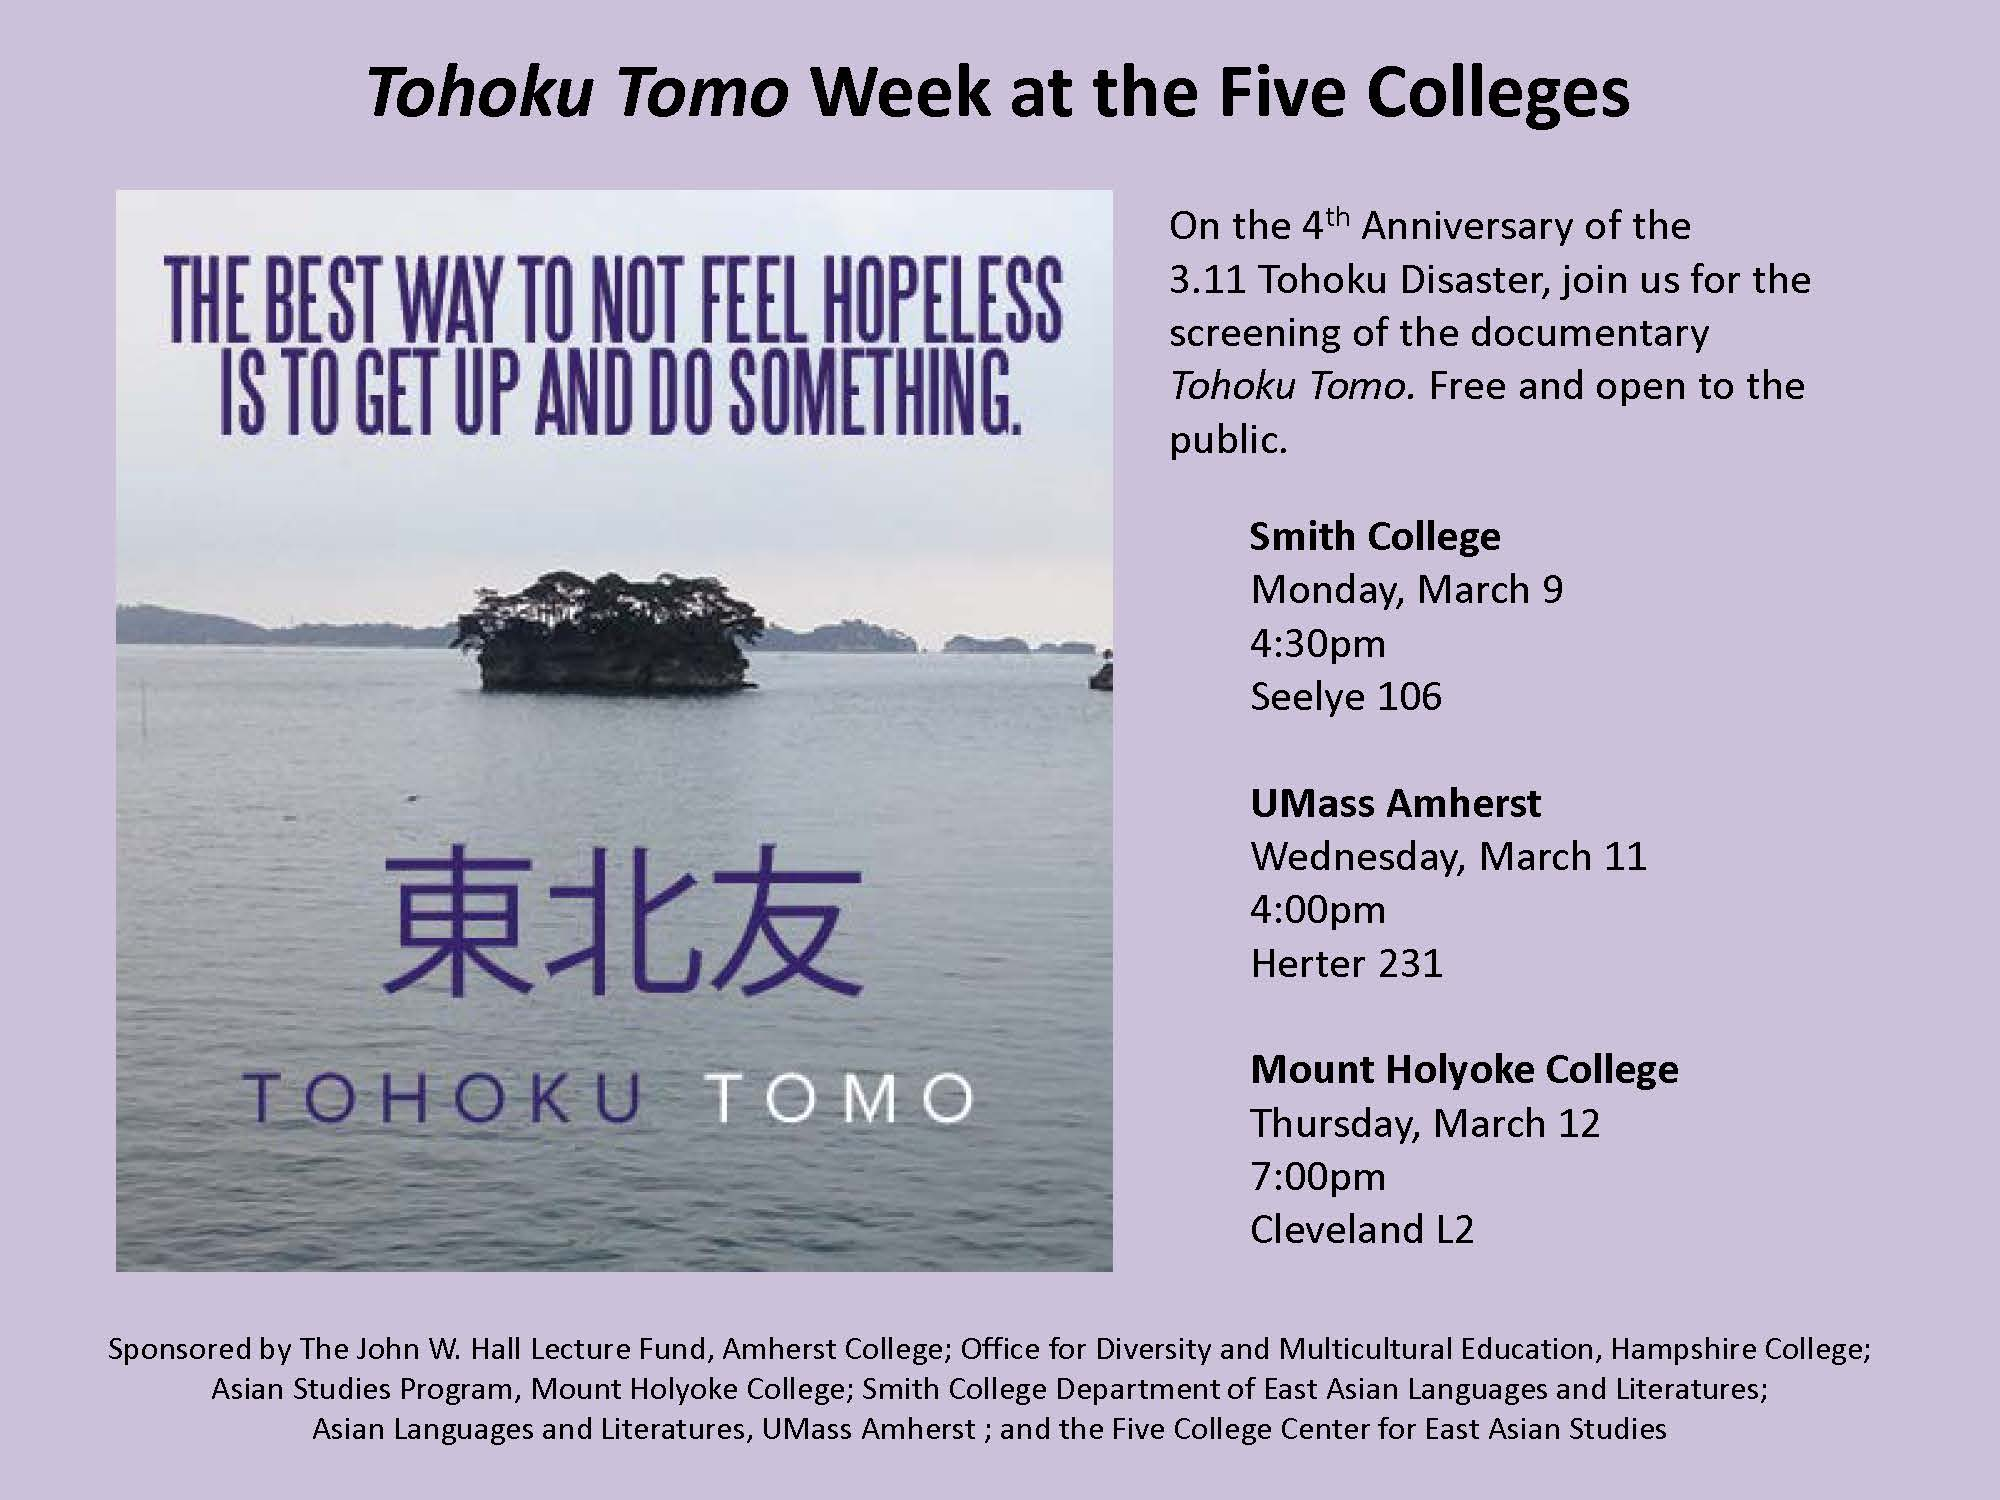 Tohoku Tomo week poster.jpg